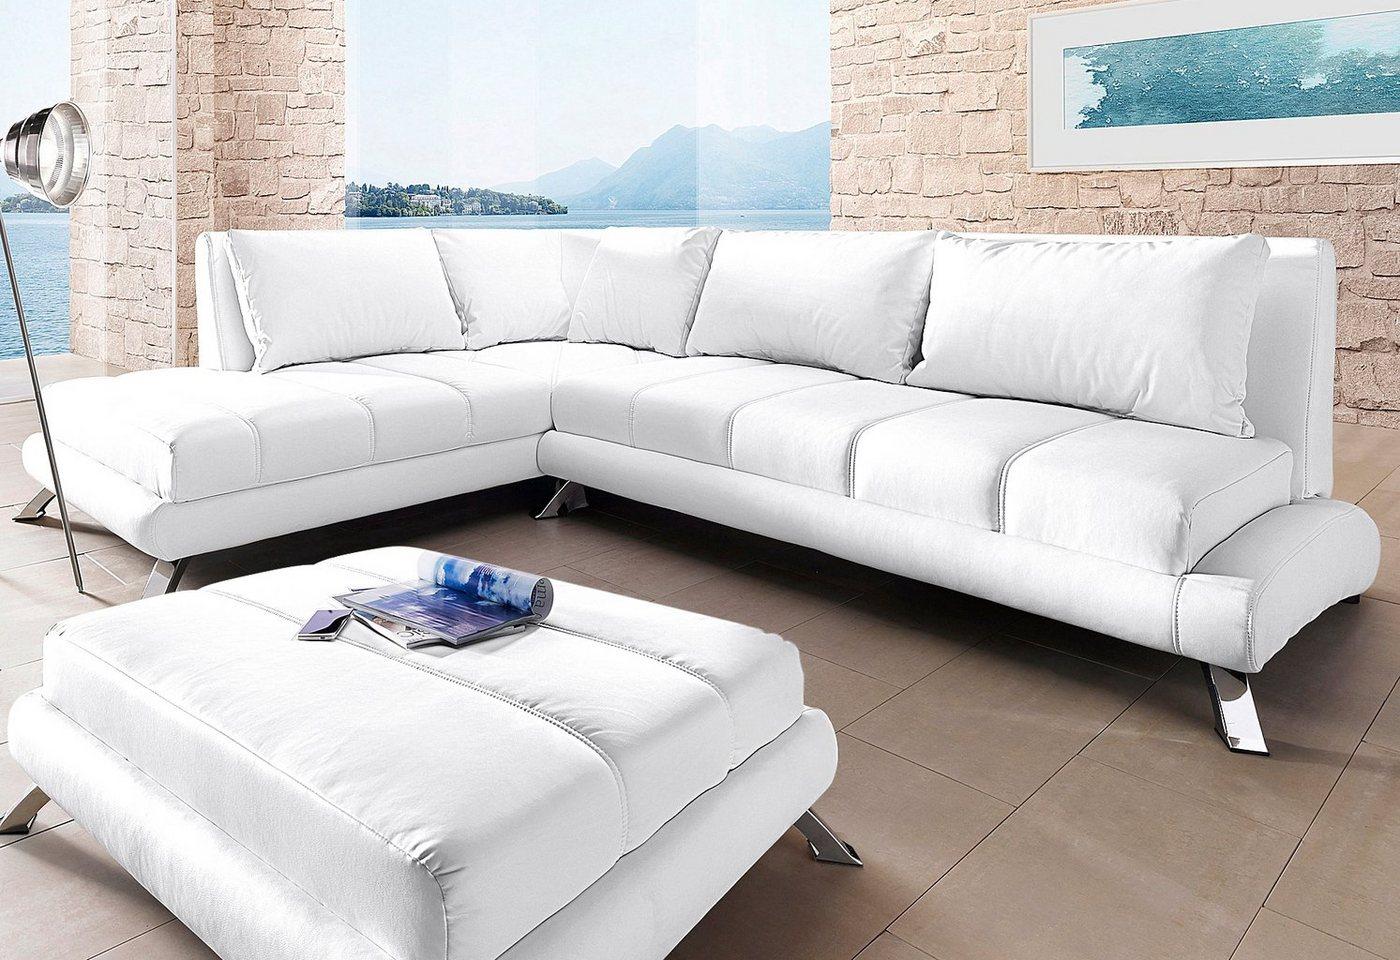 Hoekbank in in lounge-stijl